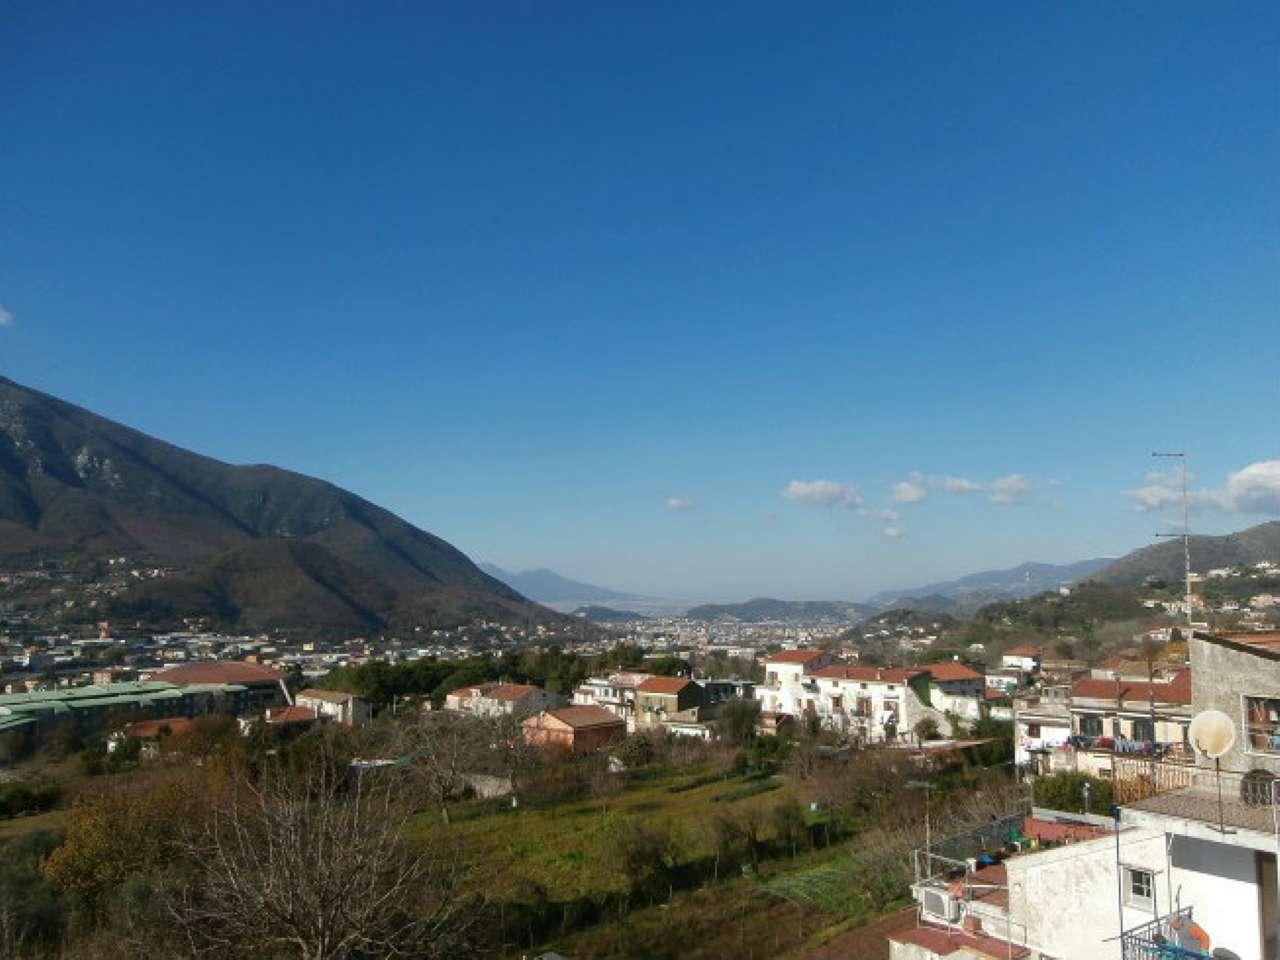 Appartamento in vendita a Cava de' Tirreni, 4 locali, prezzo € 130.000 | CambioCasa.it